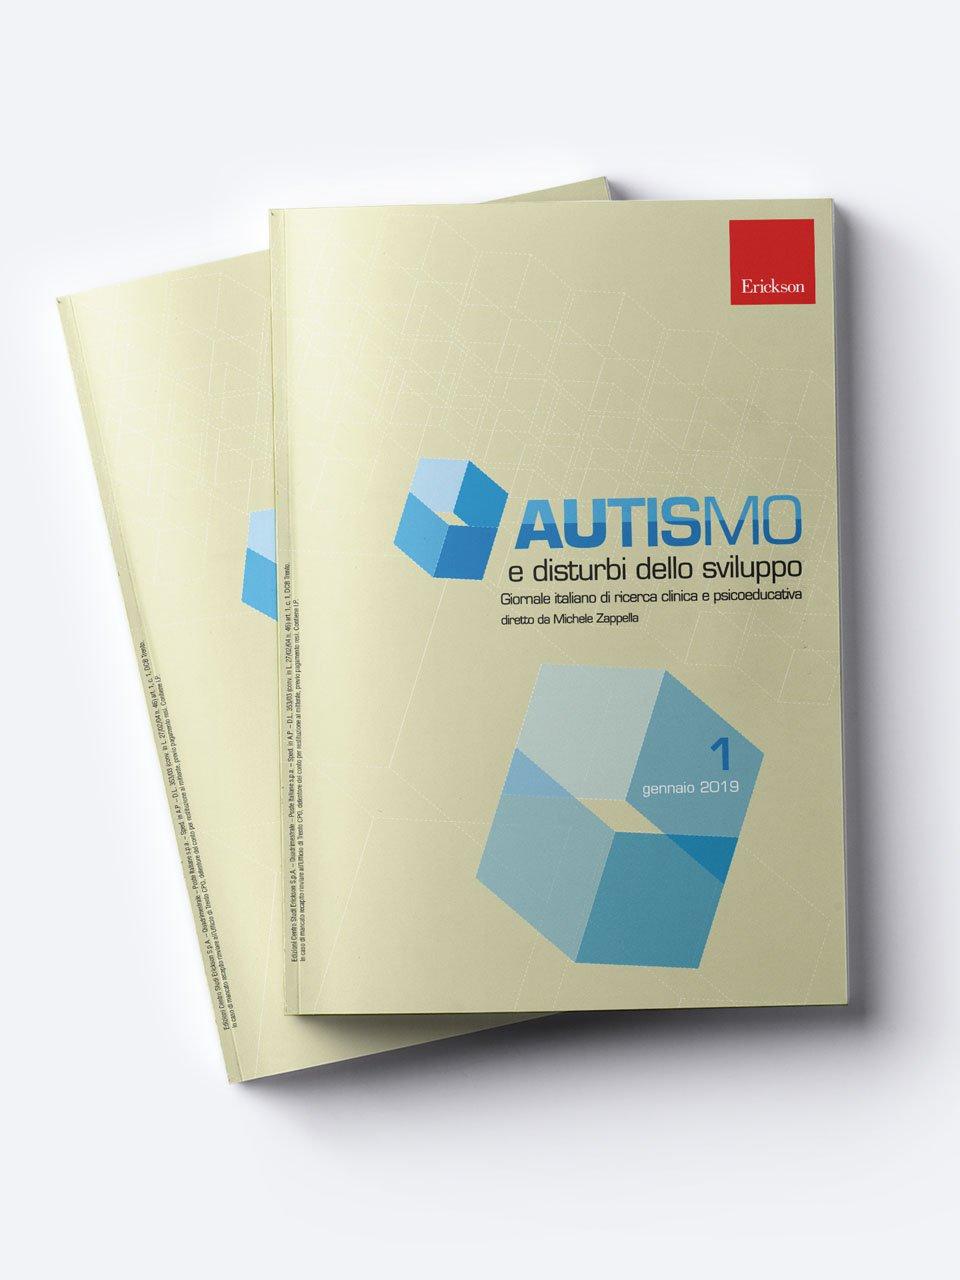 Autismo e disturbi dello sviluppo - Scrivi cosa ti dice il cuore - Libri - Erickson